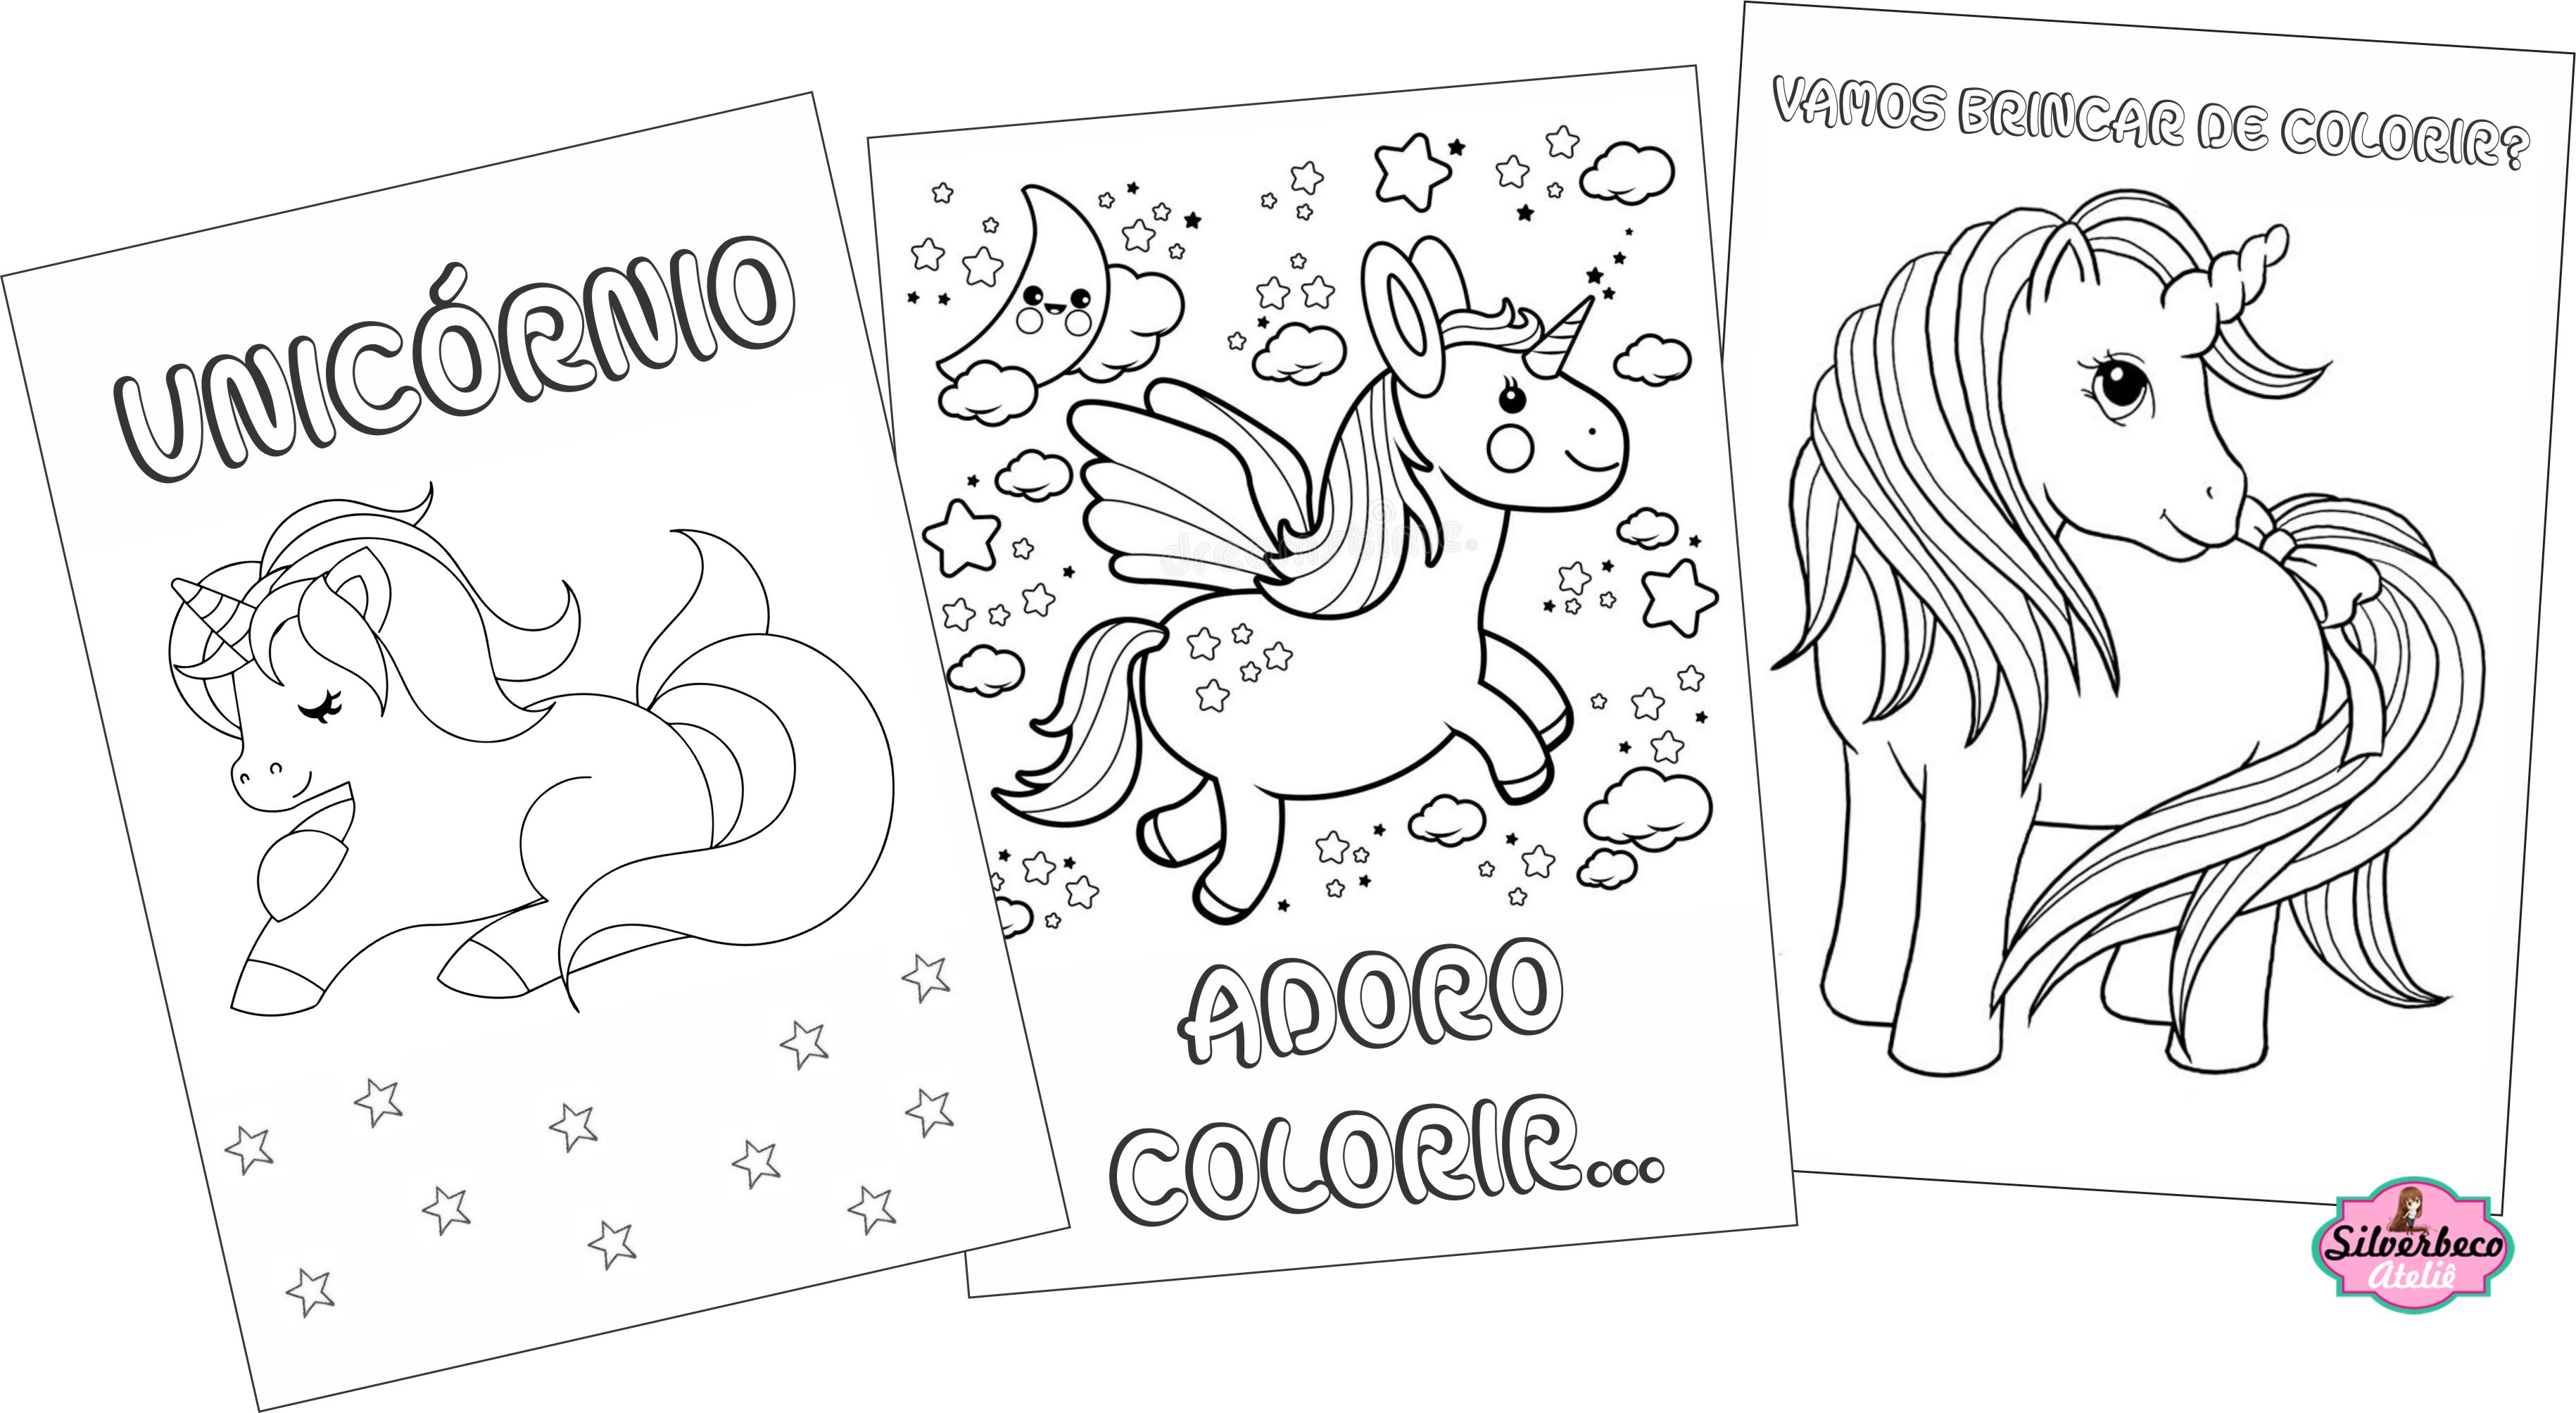 Revistinha Para Colorir Unicornio No Elo7 Mimados B9b61a